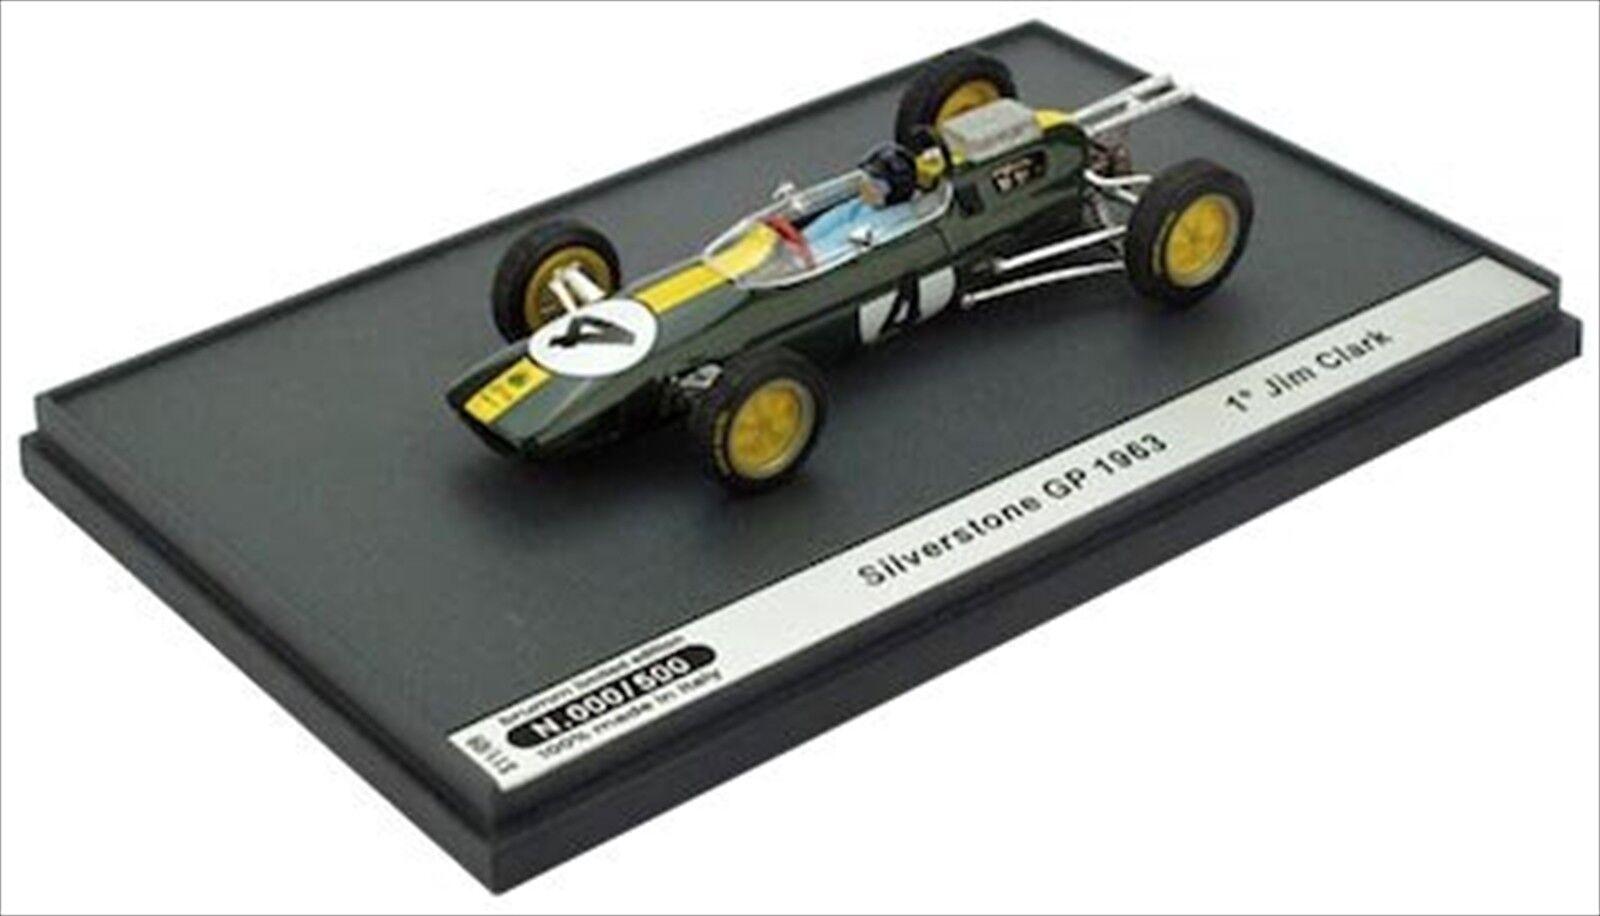 venta al por mayor barato PLANEX Lotus 25 platastone Gp 1963 1963 1963 Jim Clark  4 LOT-SM-25B  calidad de primera clase